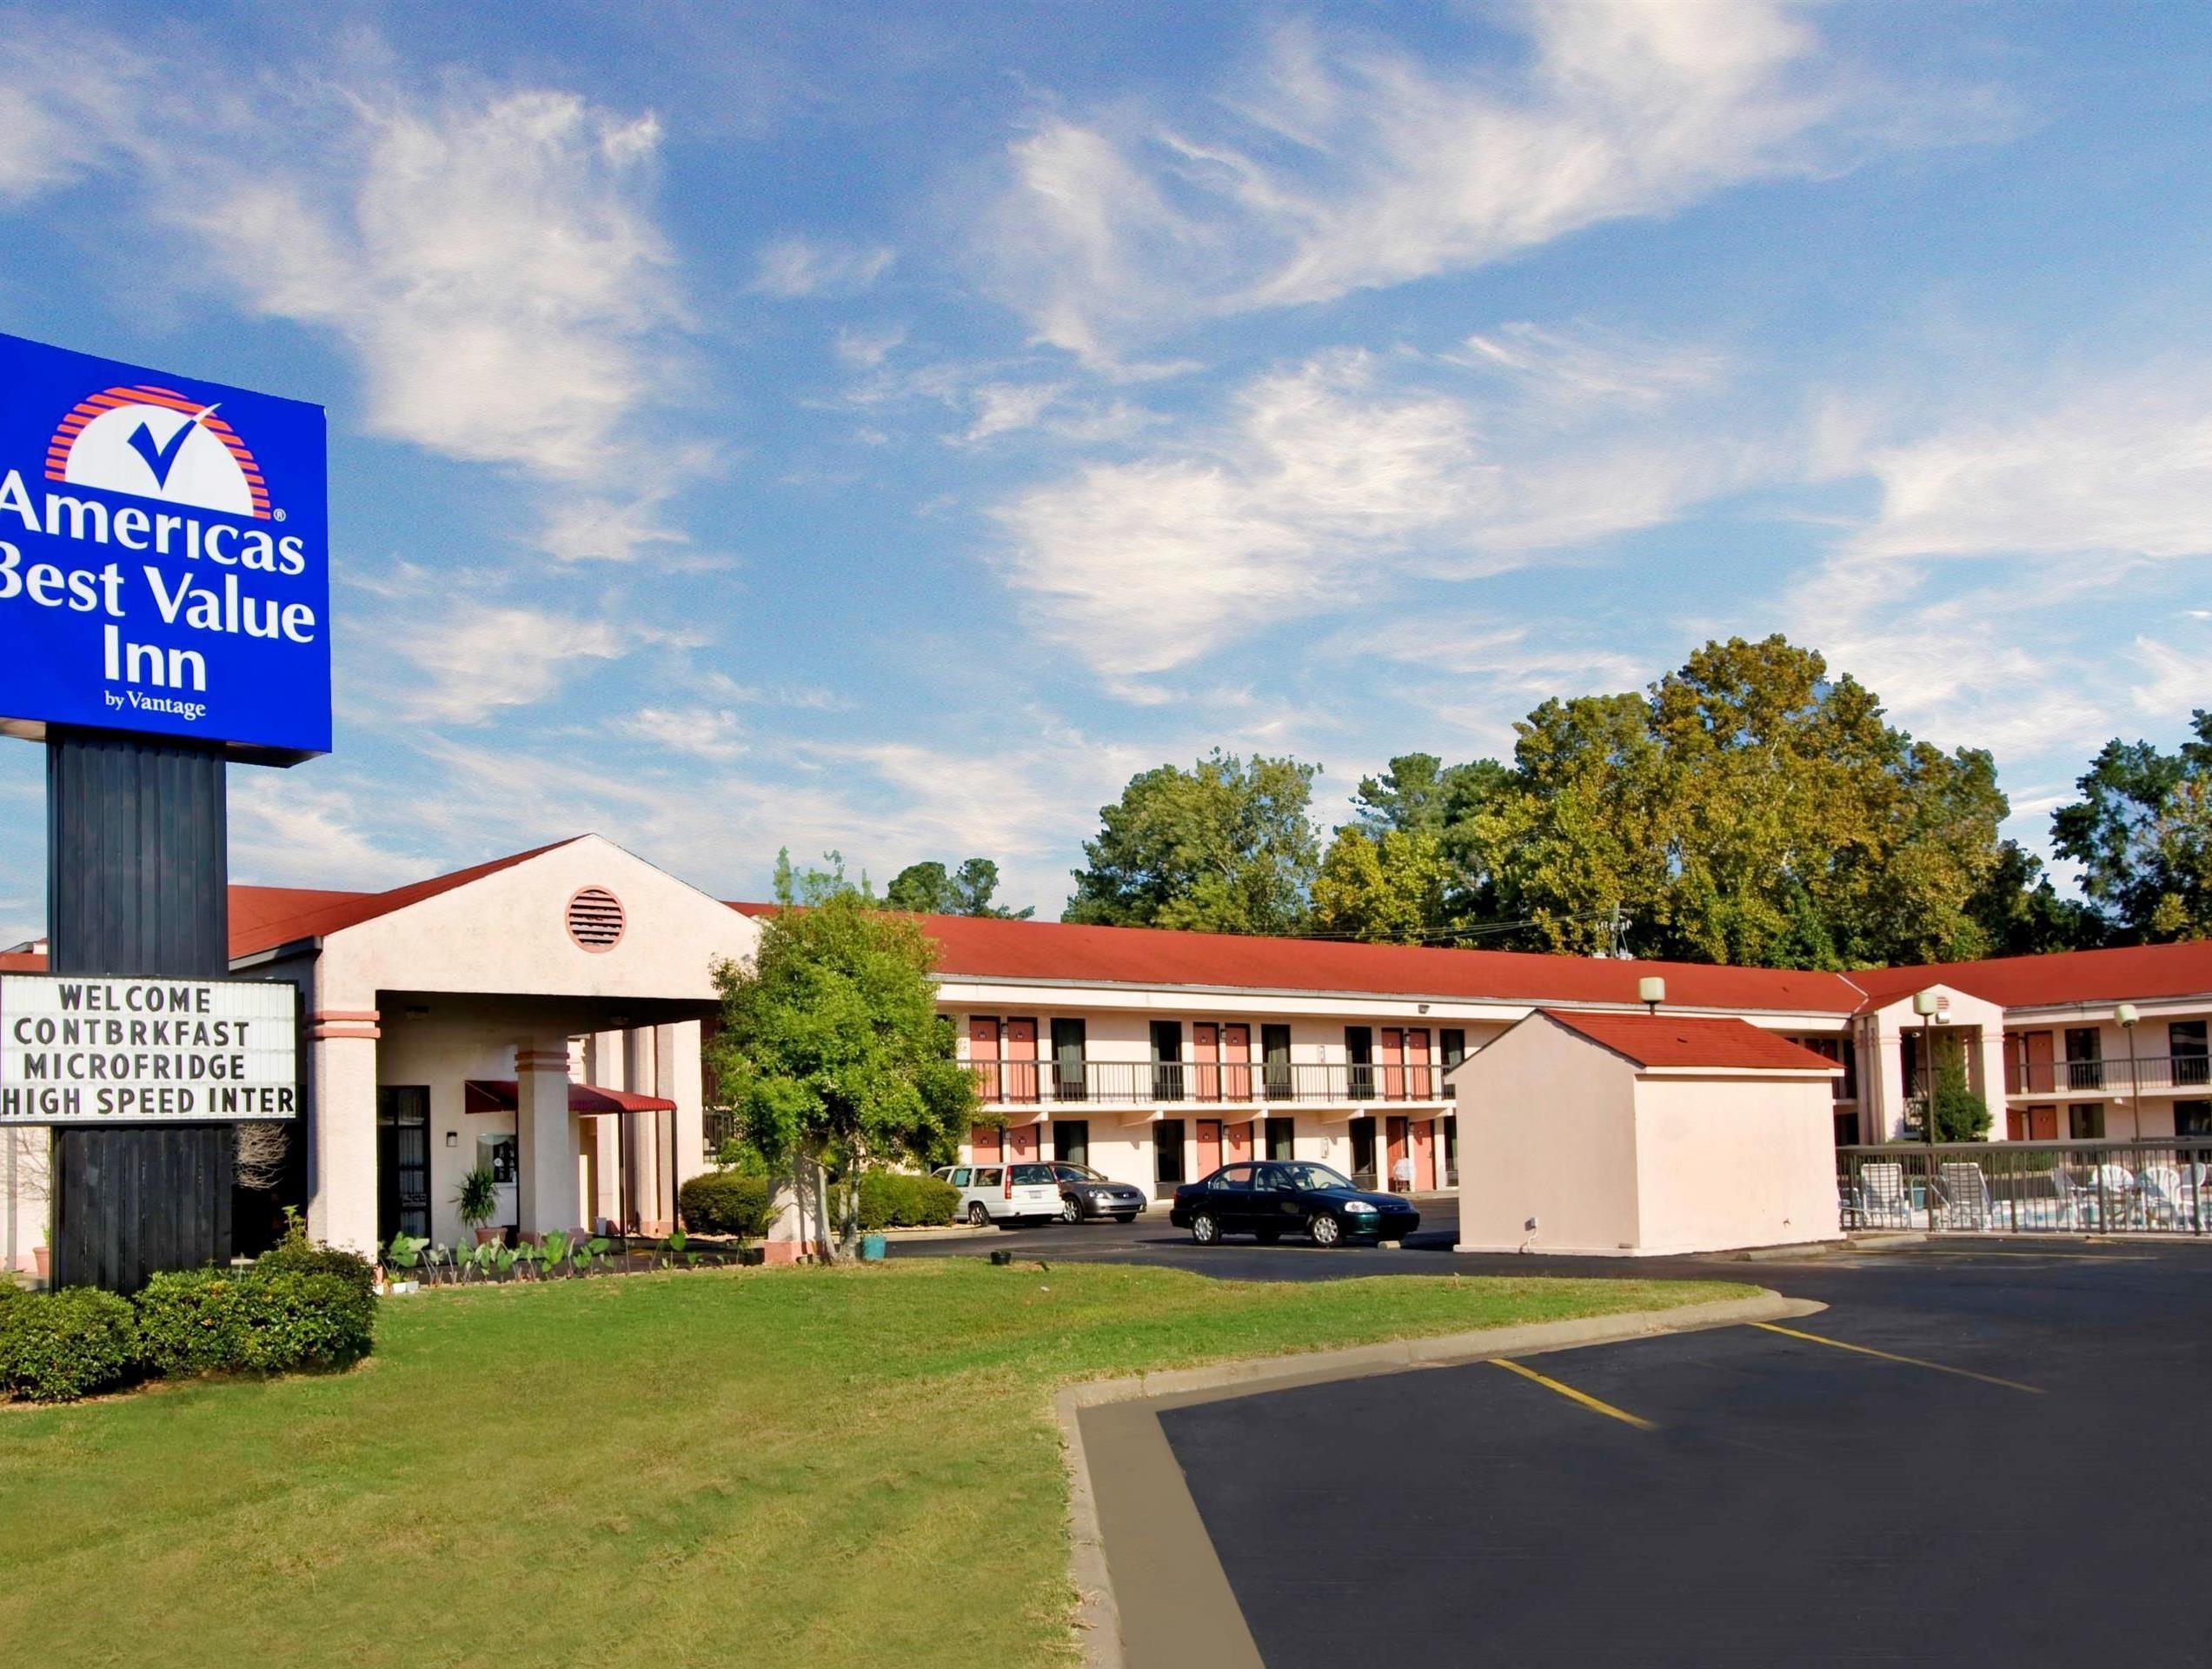 Americas Best Value Inn Selma Selma (AL), United States